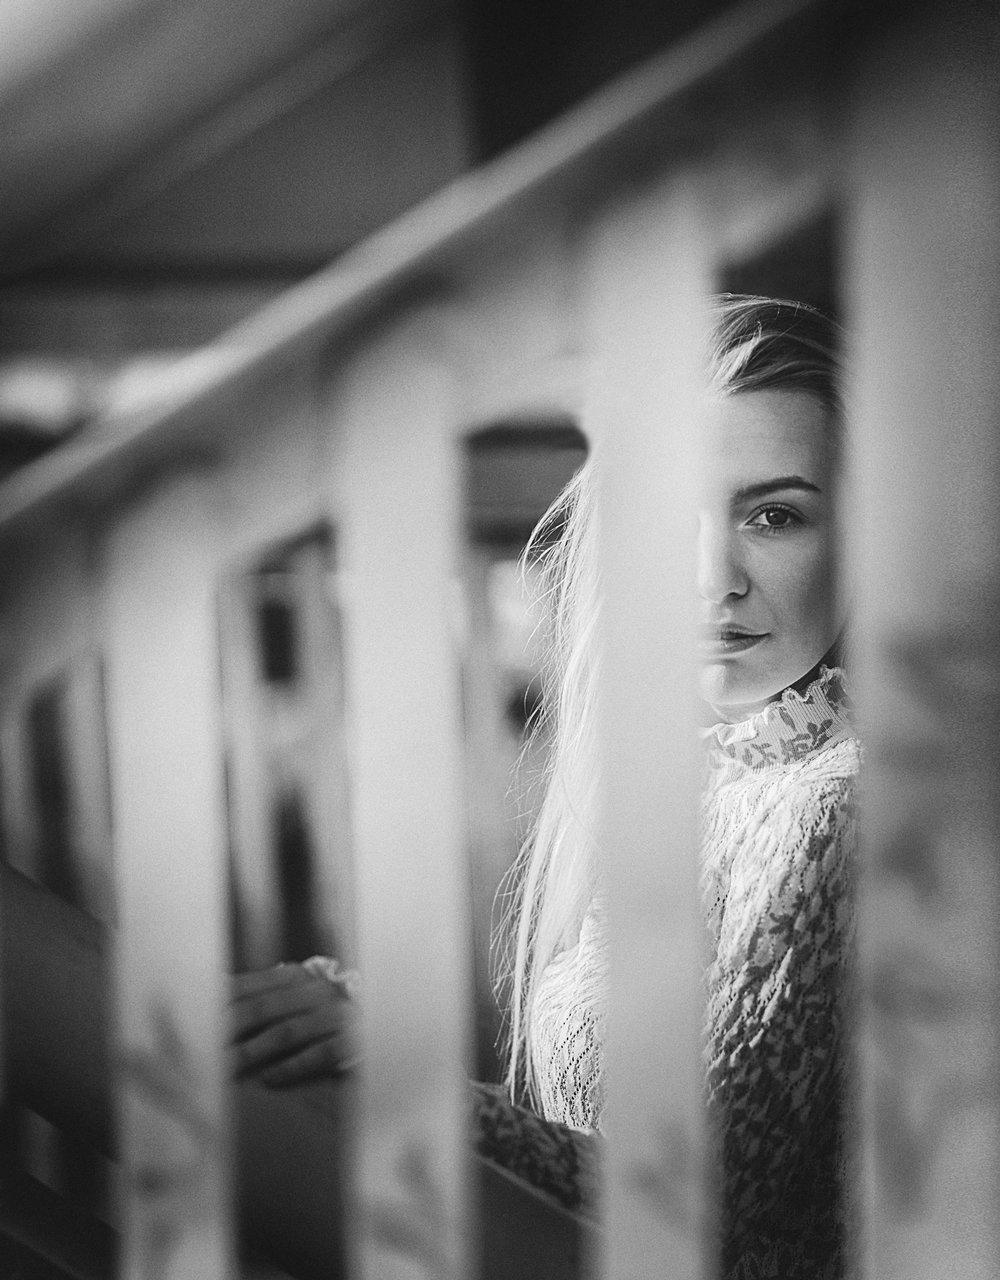 Maria | Author Krastyo Milanov - kaci | PHOTO FORUM